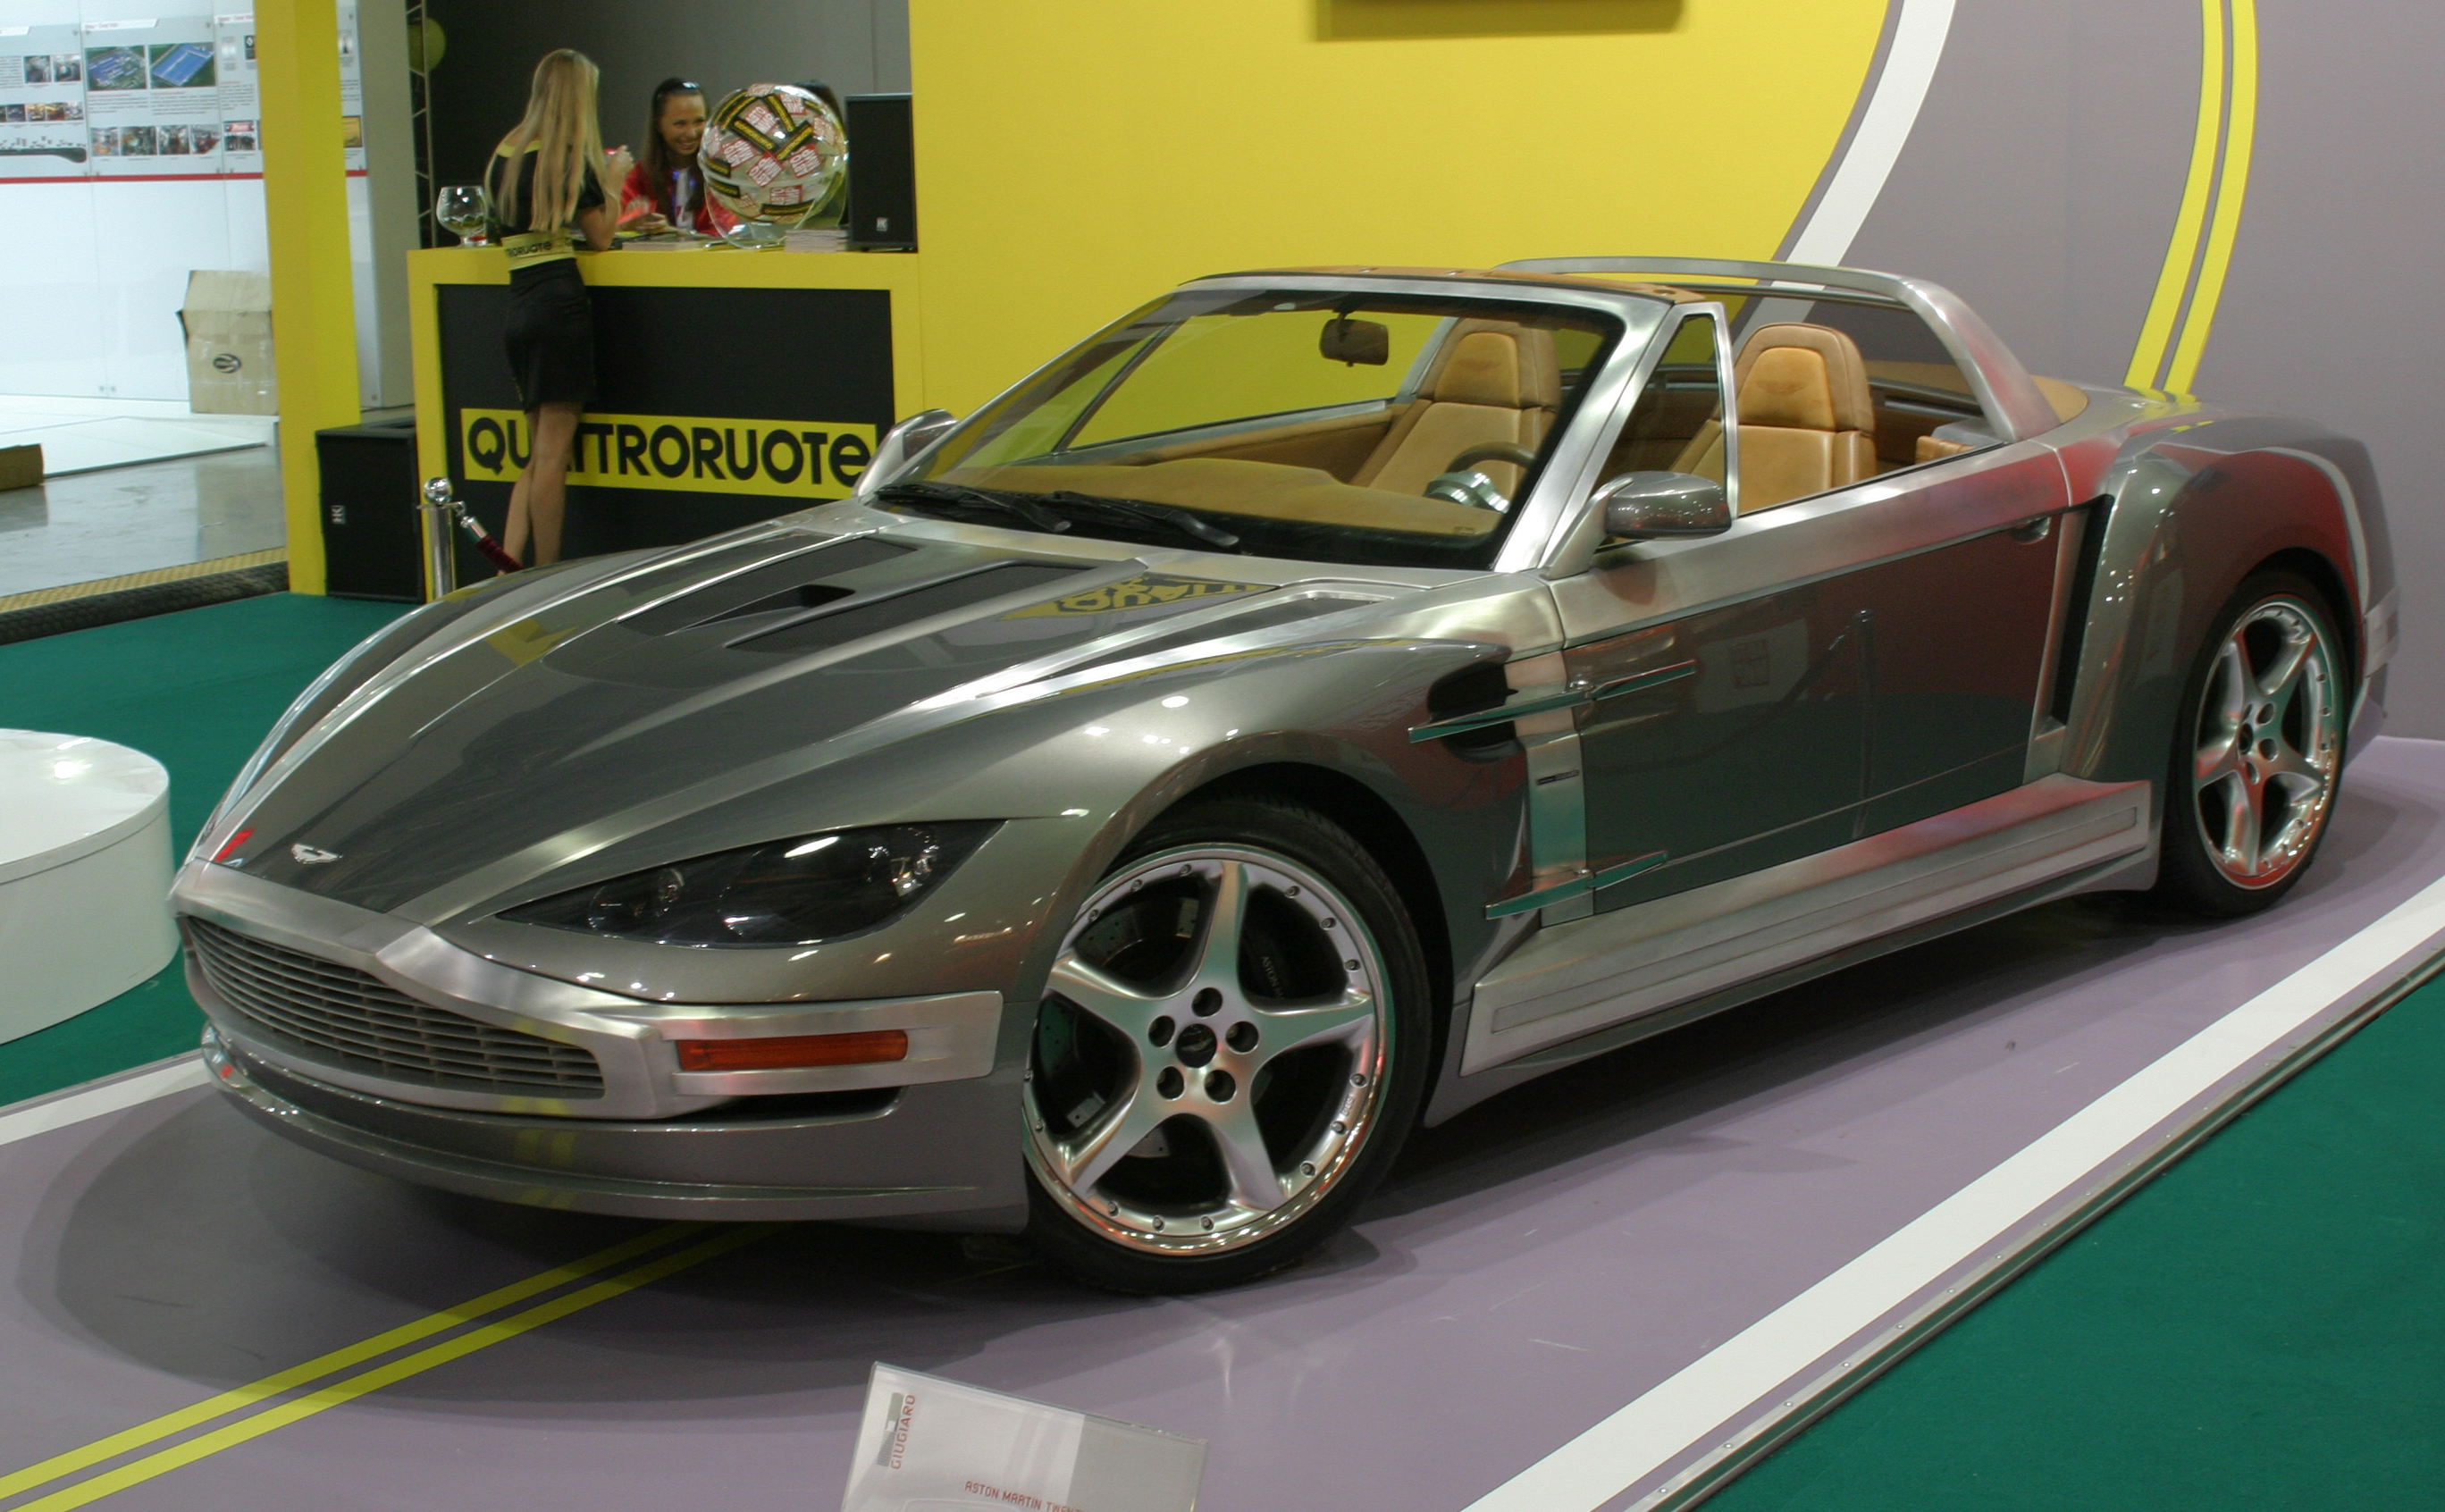 Aston Marton Consept Car